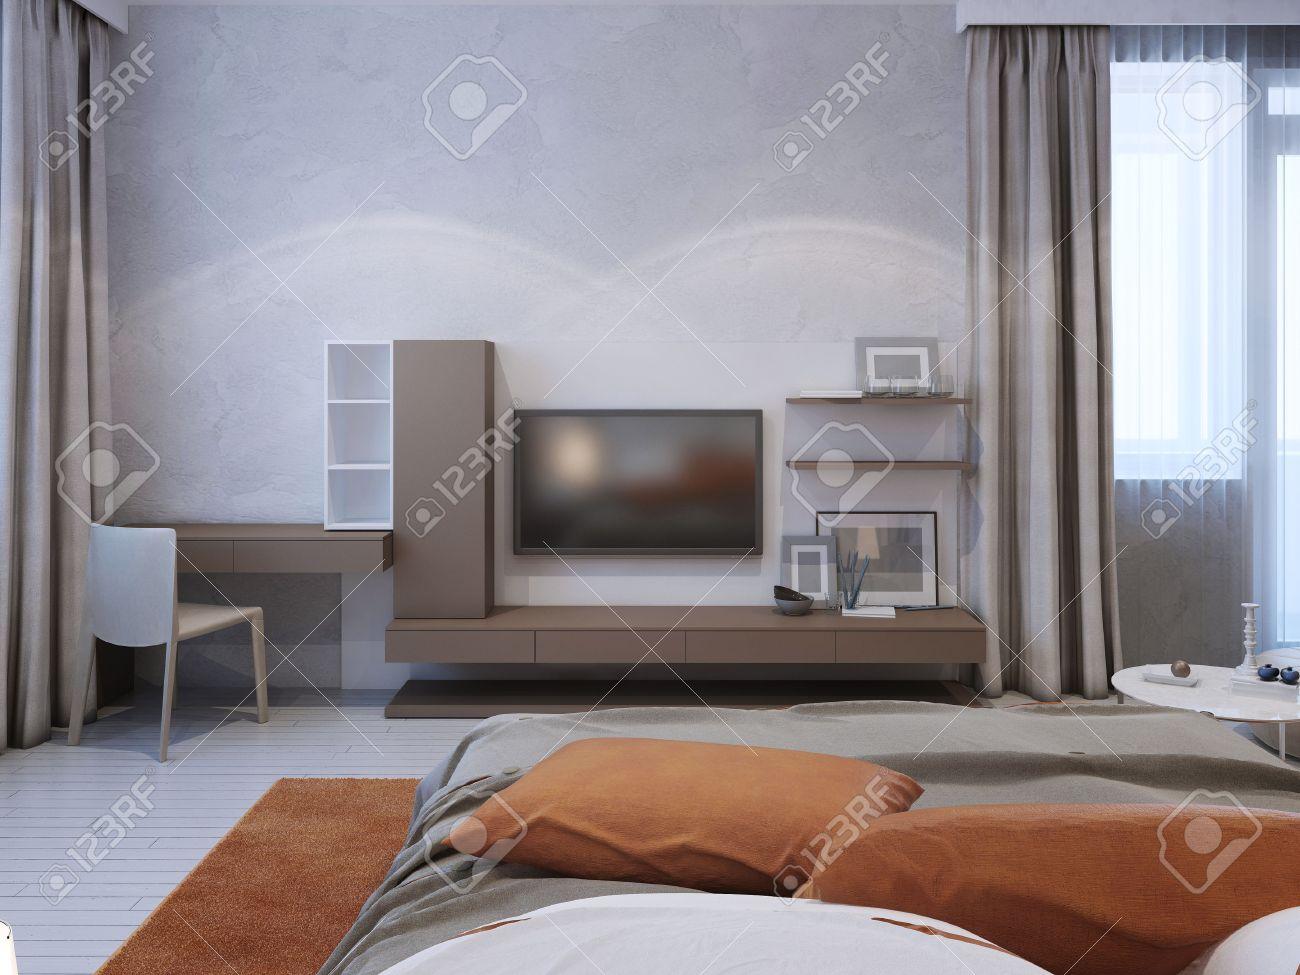 Colori pittura per camere da letto : pitture e colori per camere ...